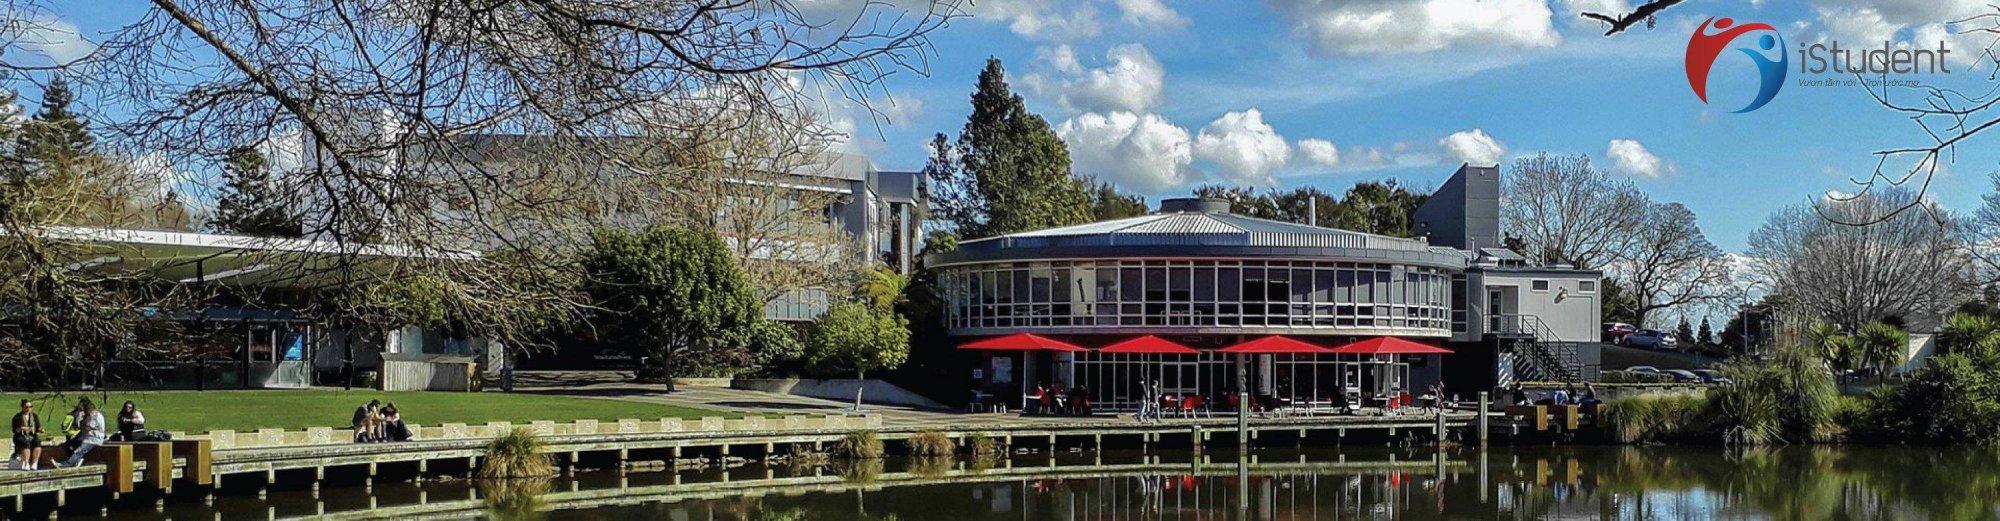 The University of Waikato - Du học New Zealand